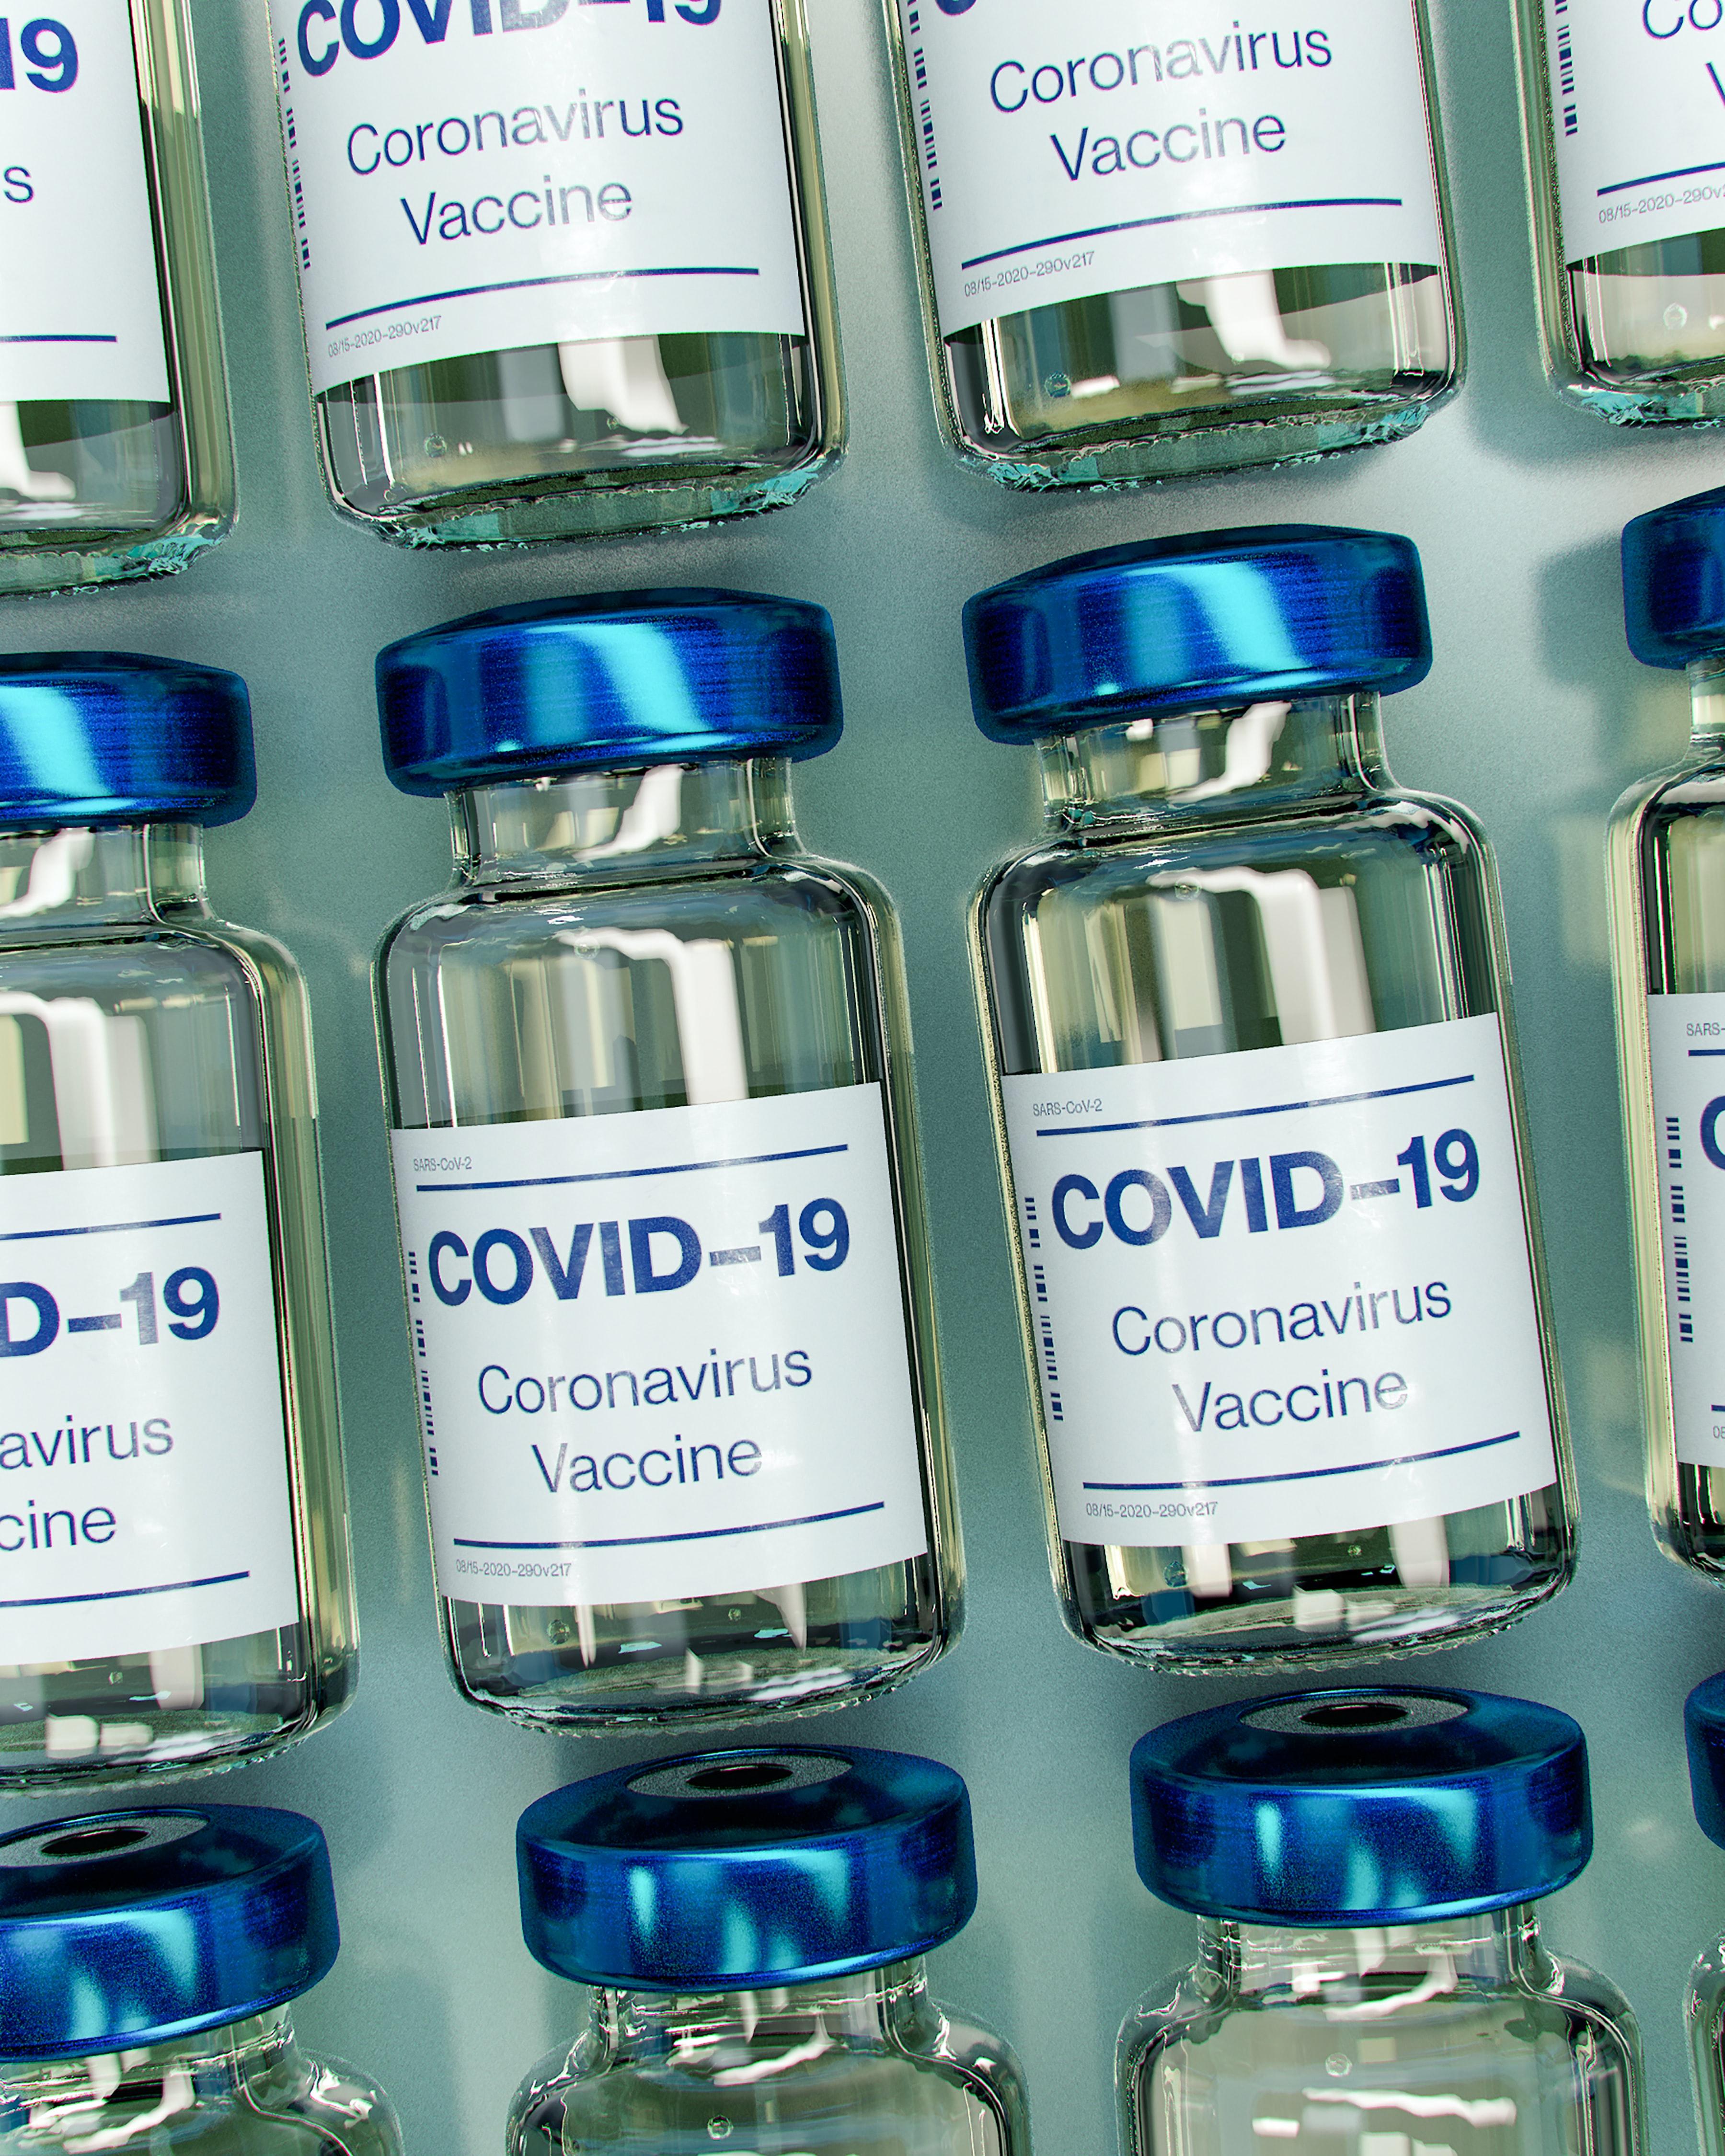 Picture of Covid vaccine vials